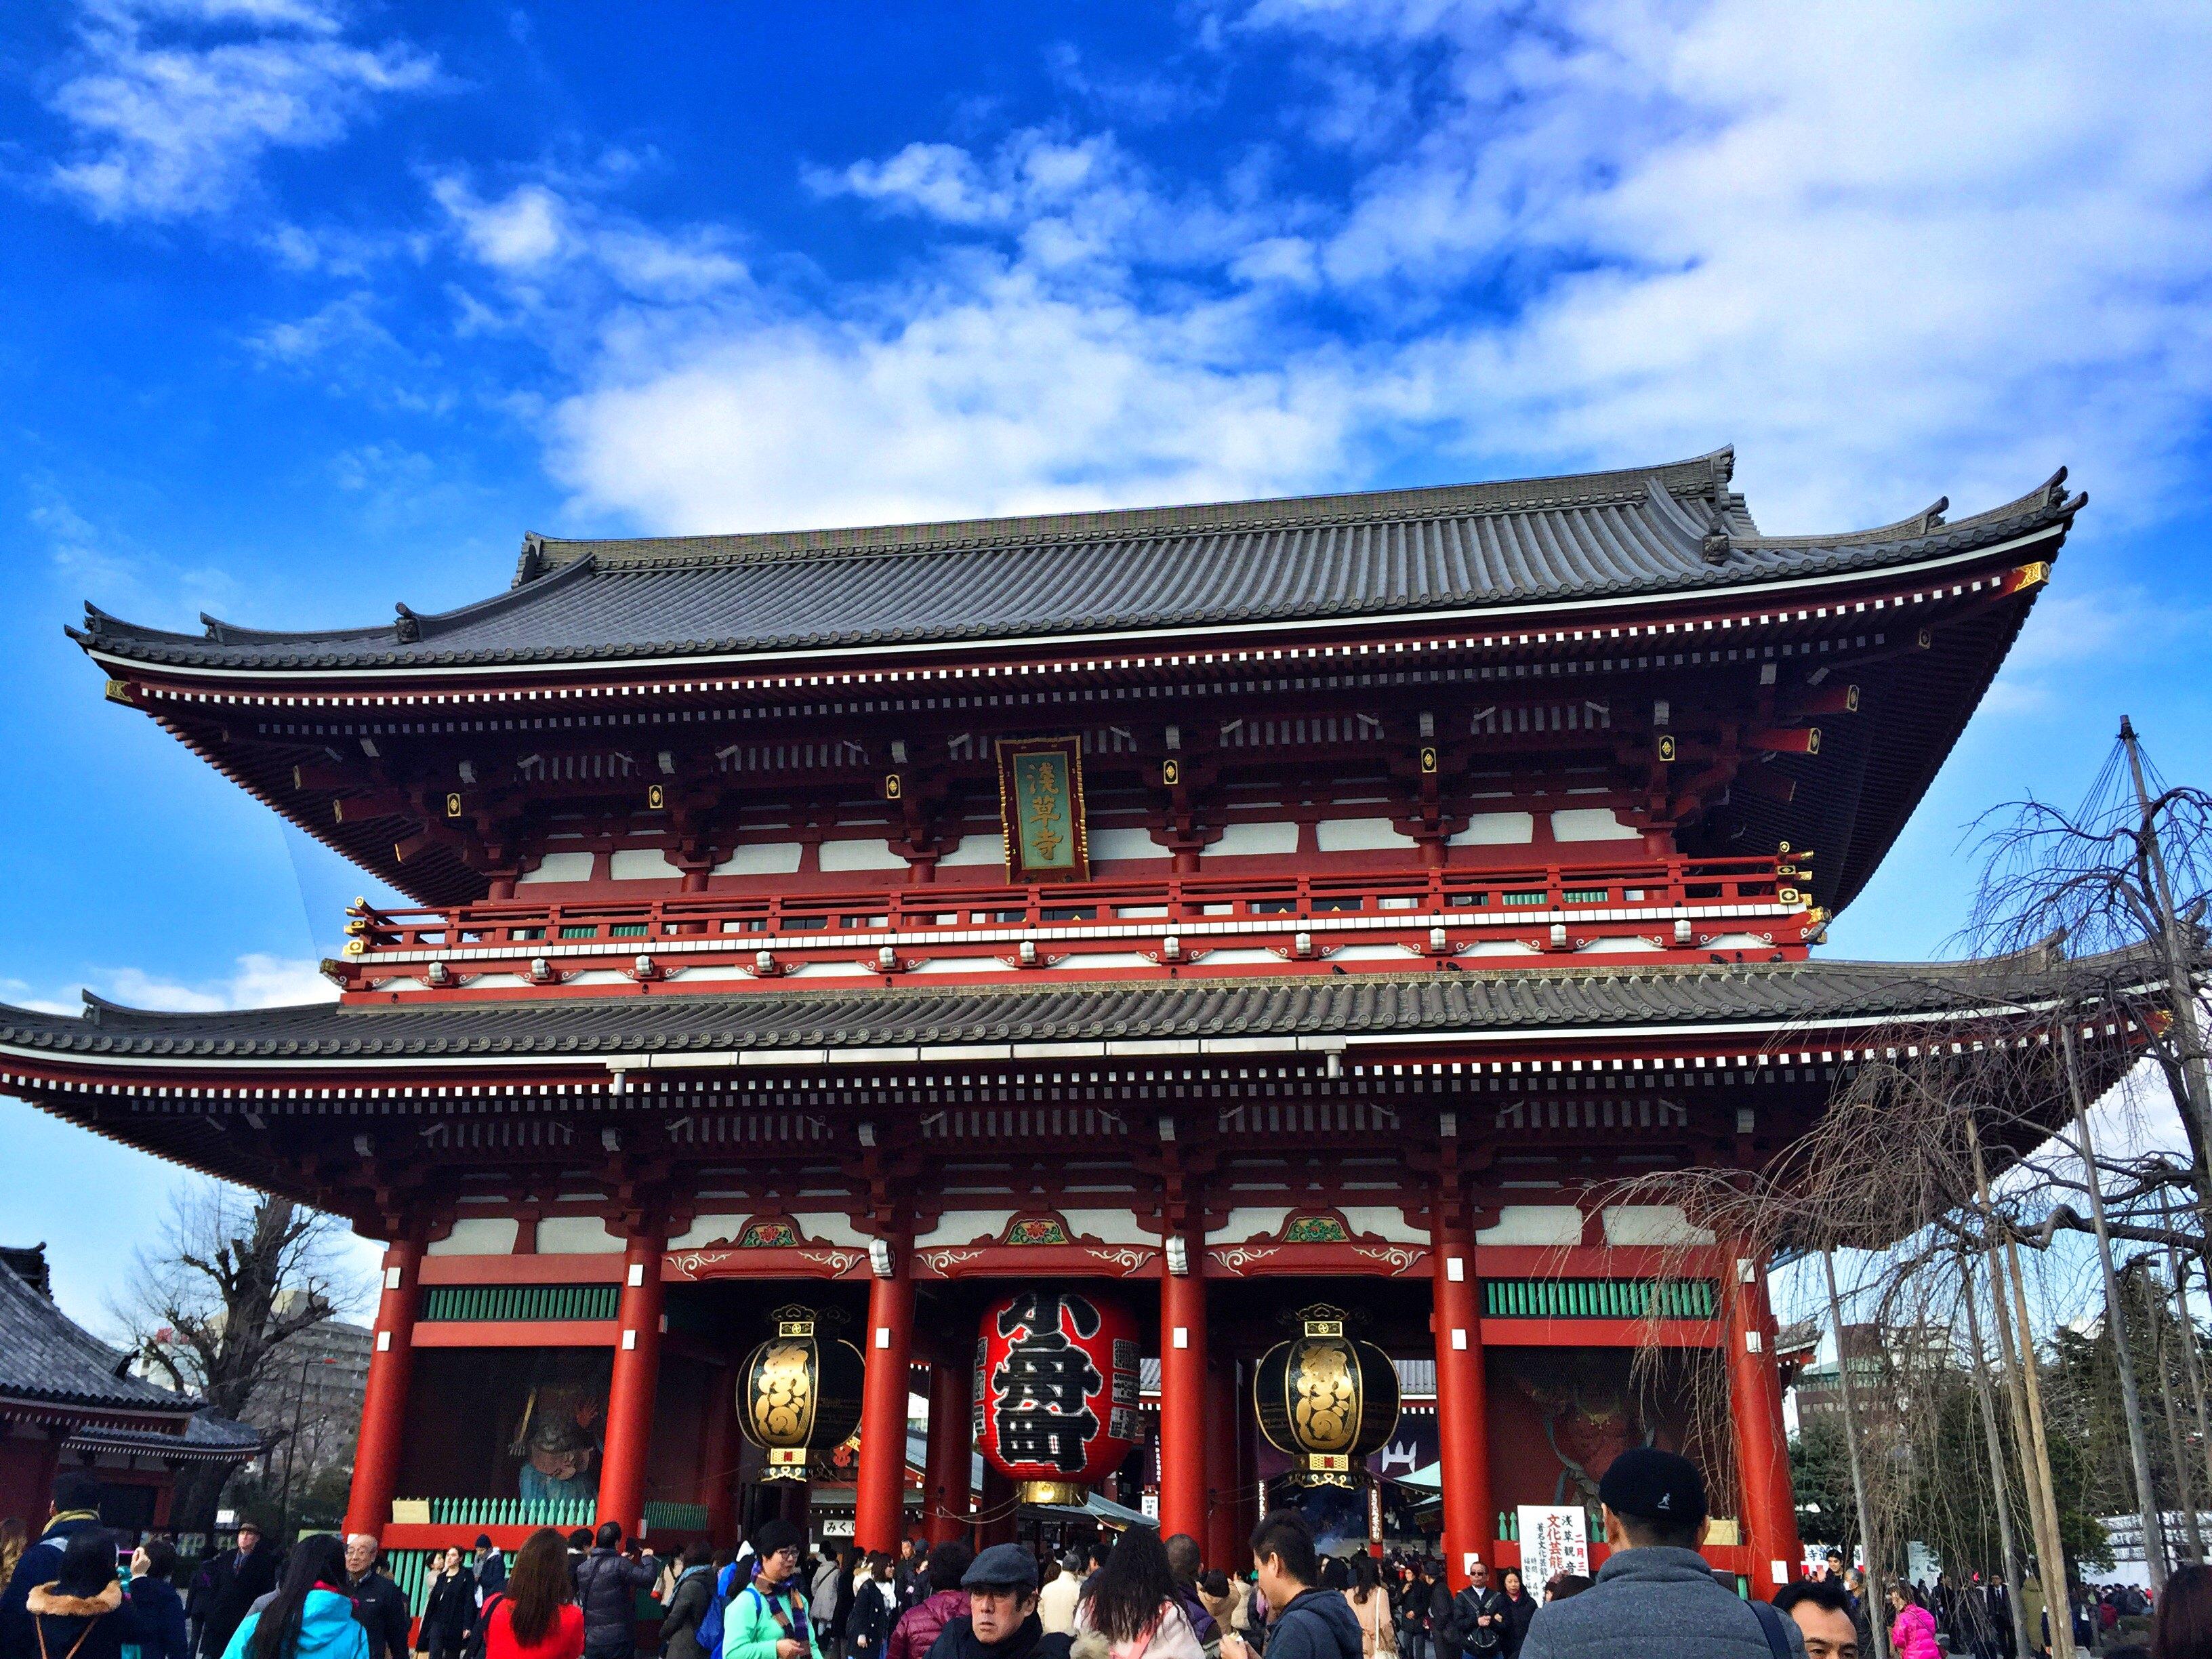 到浅草寺一定要求签100日元求一次据说非常灵验.